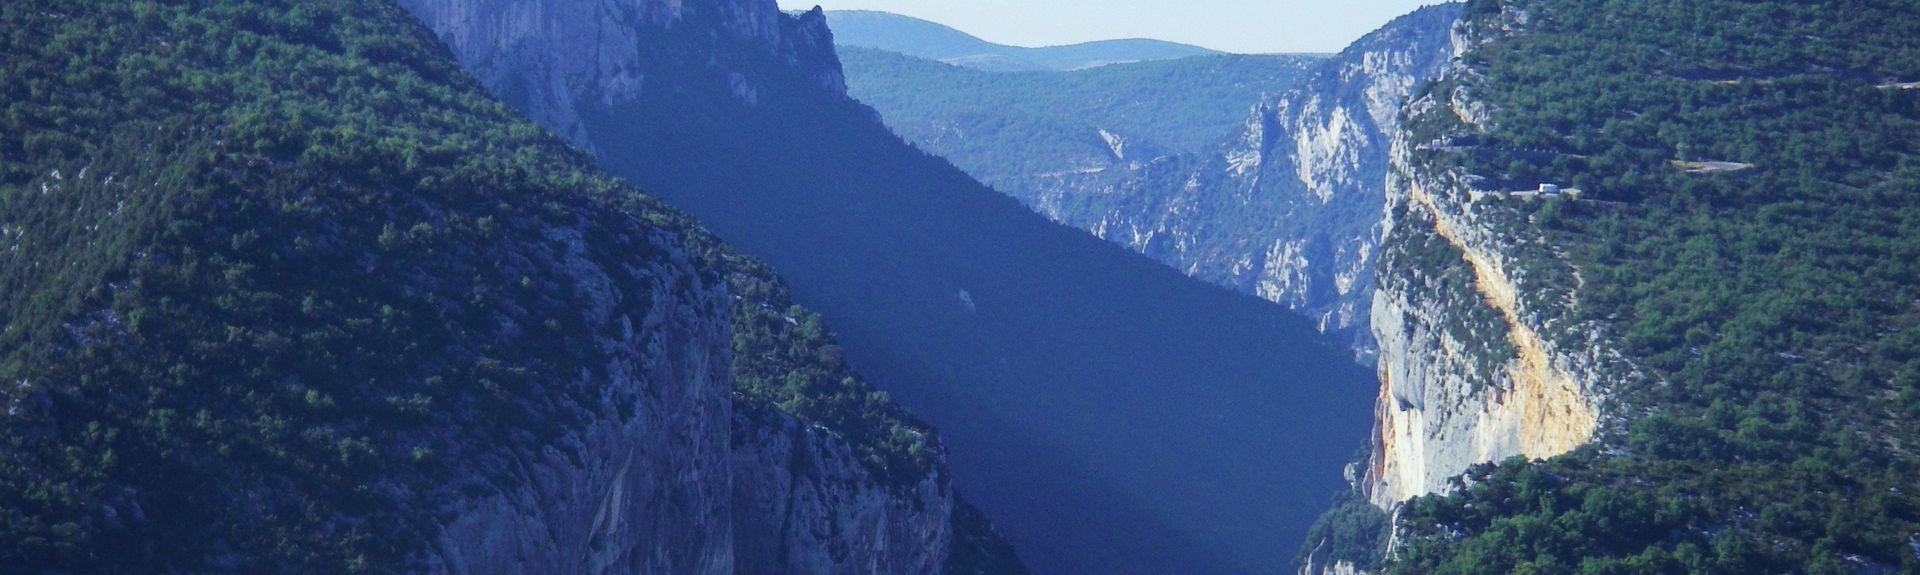 Moustiers-Sainte-Marie, Alpes-de-Haute-Provence (department), France